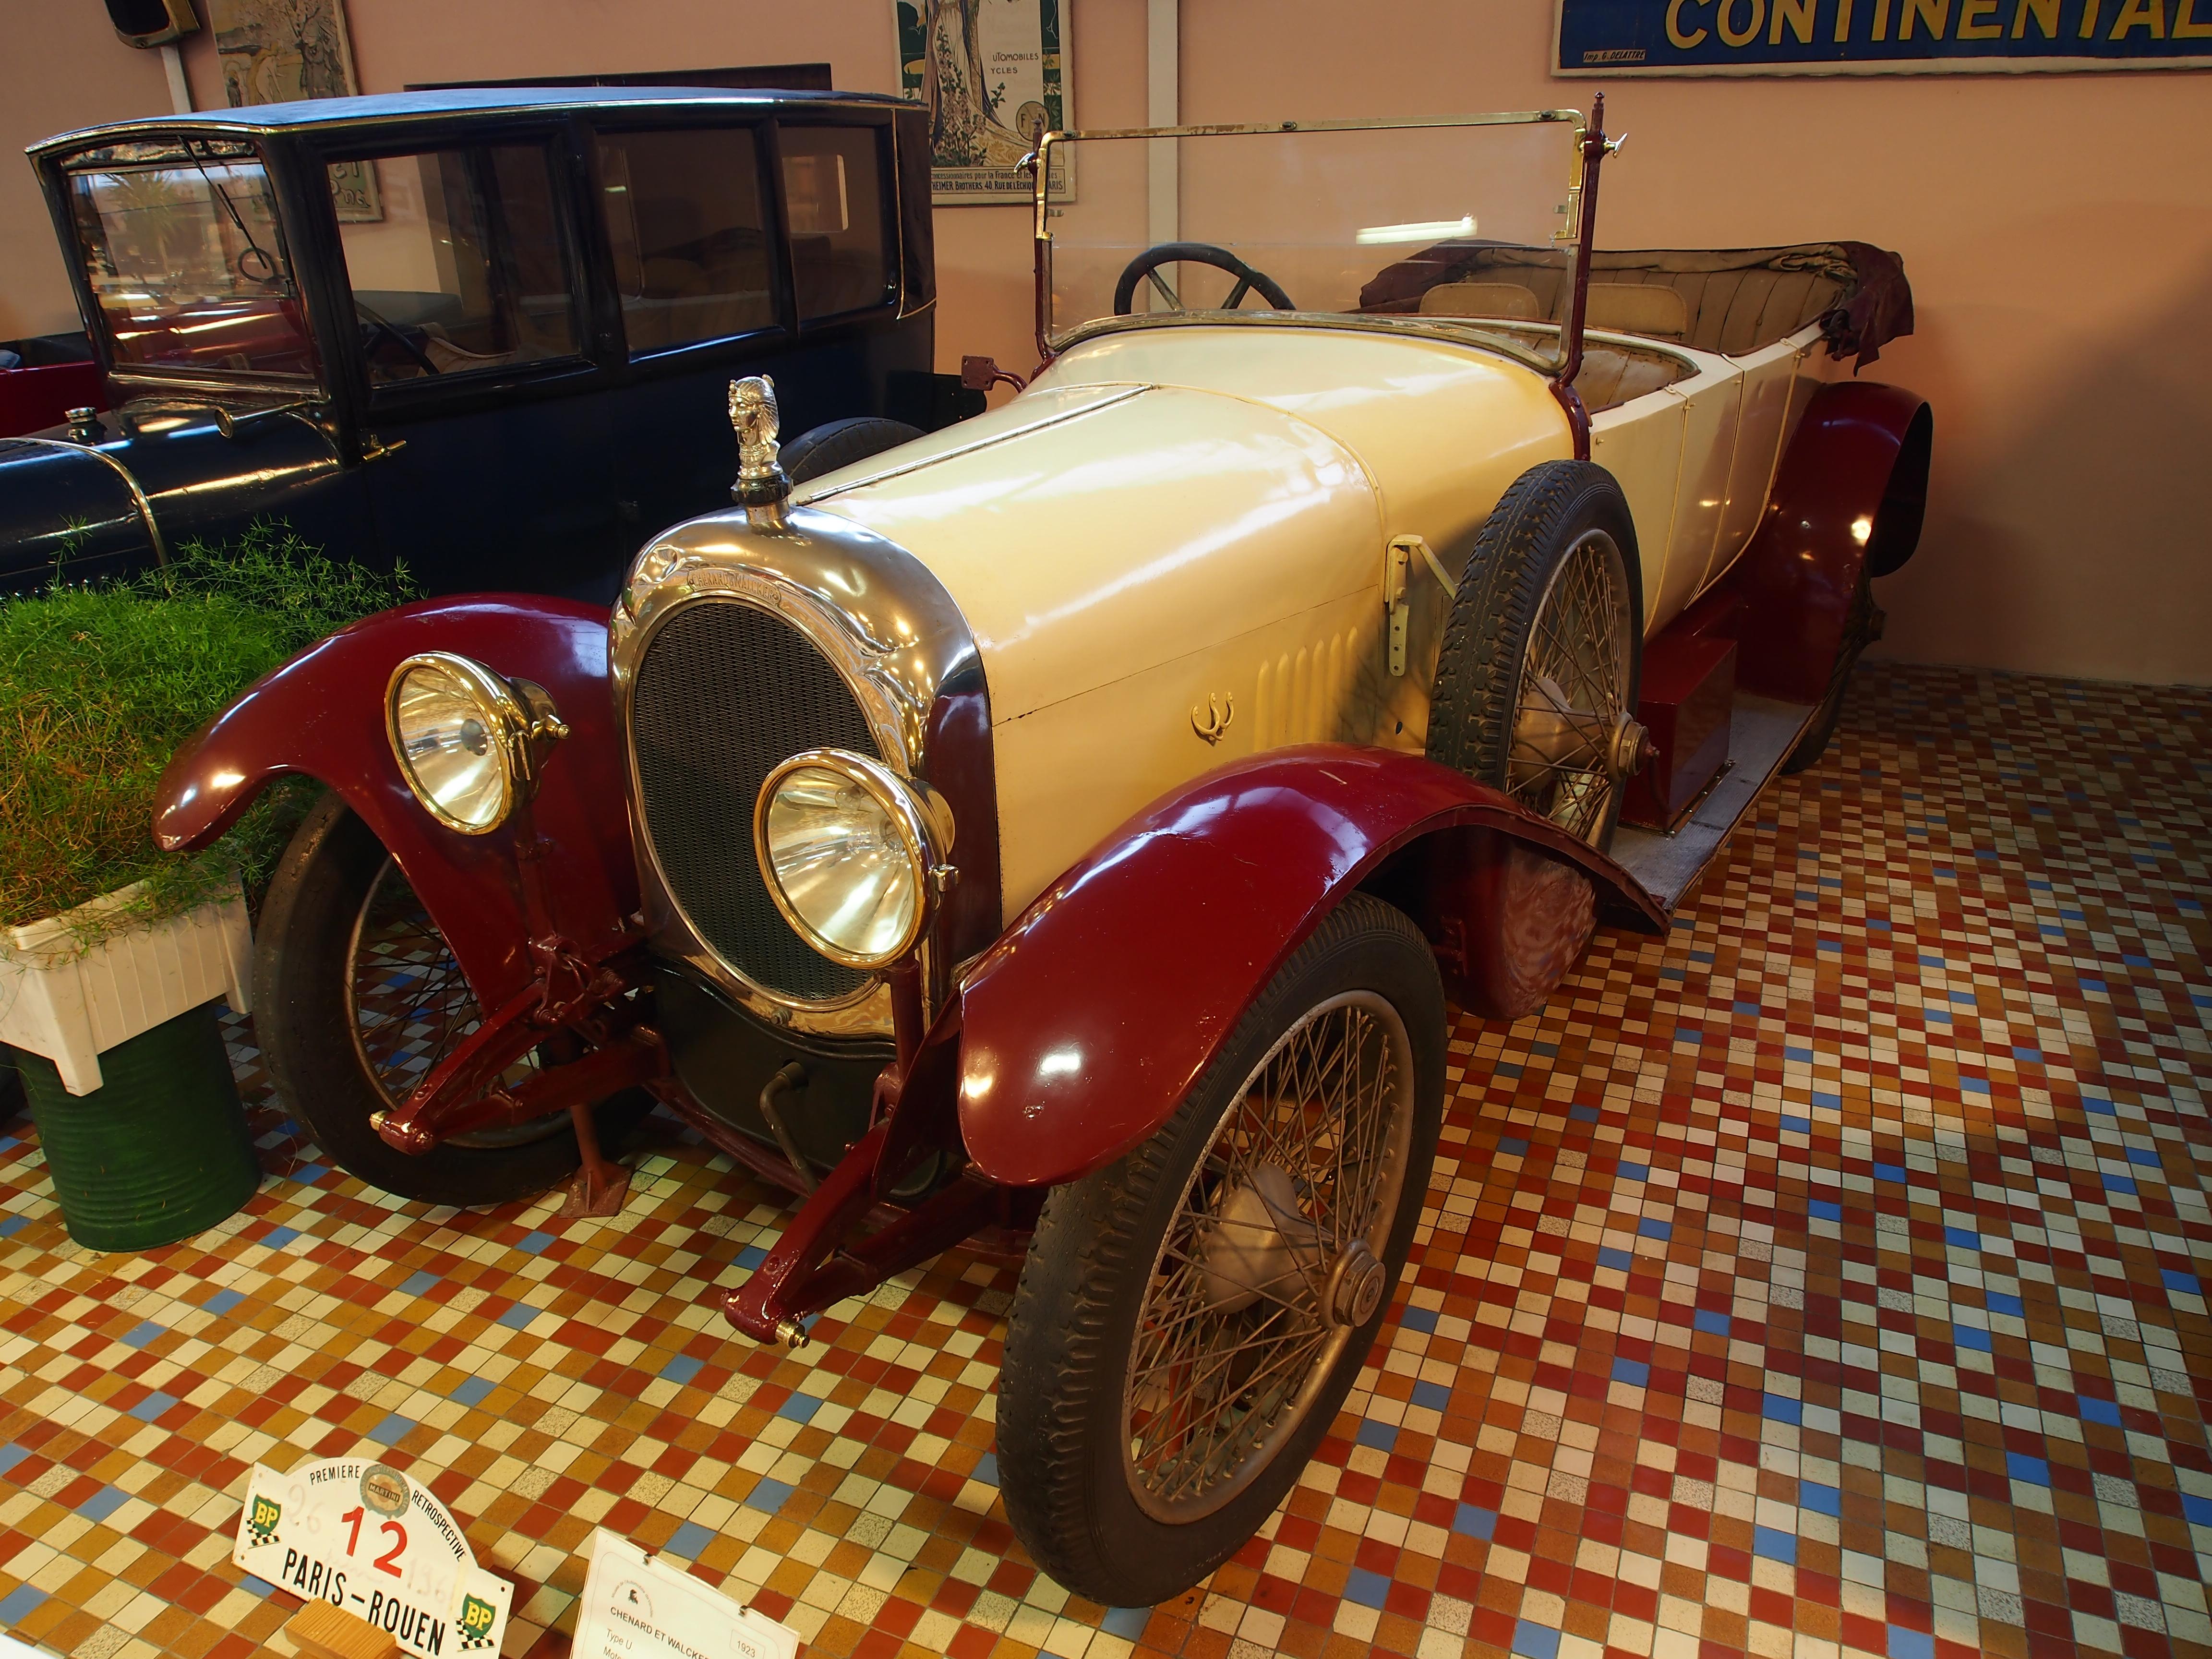 file 1923 chenard walker type u 1912 chenard walker type u 15cv 4 cylinder dual ignition. Black Bedroom Furniture Sets. Home Design Ideas